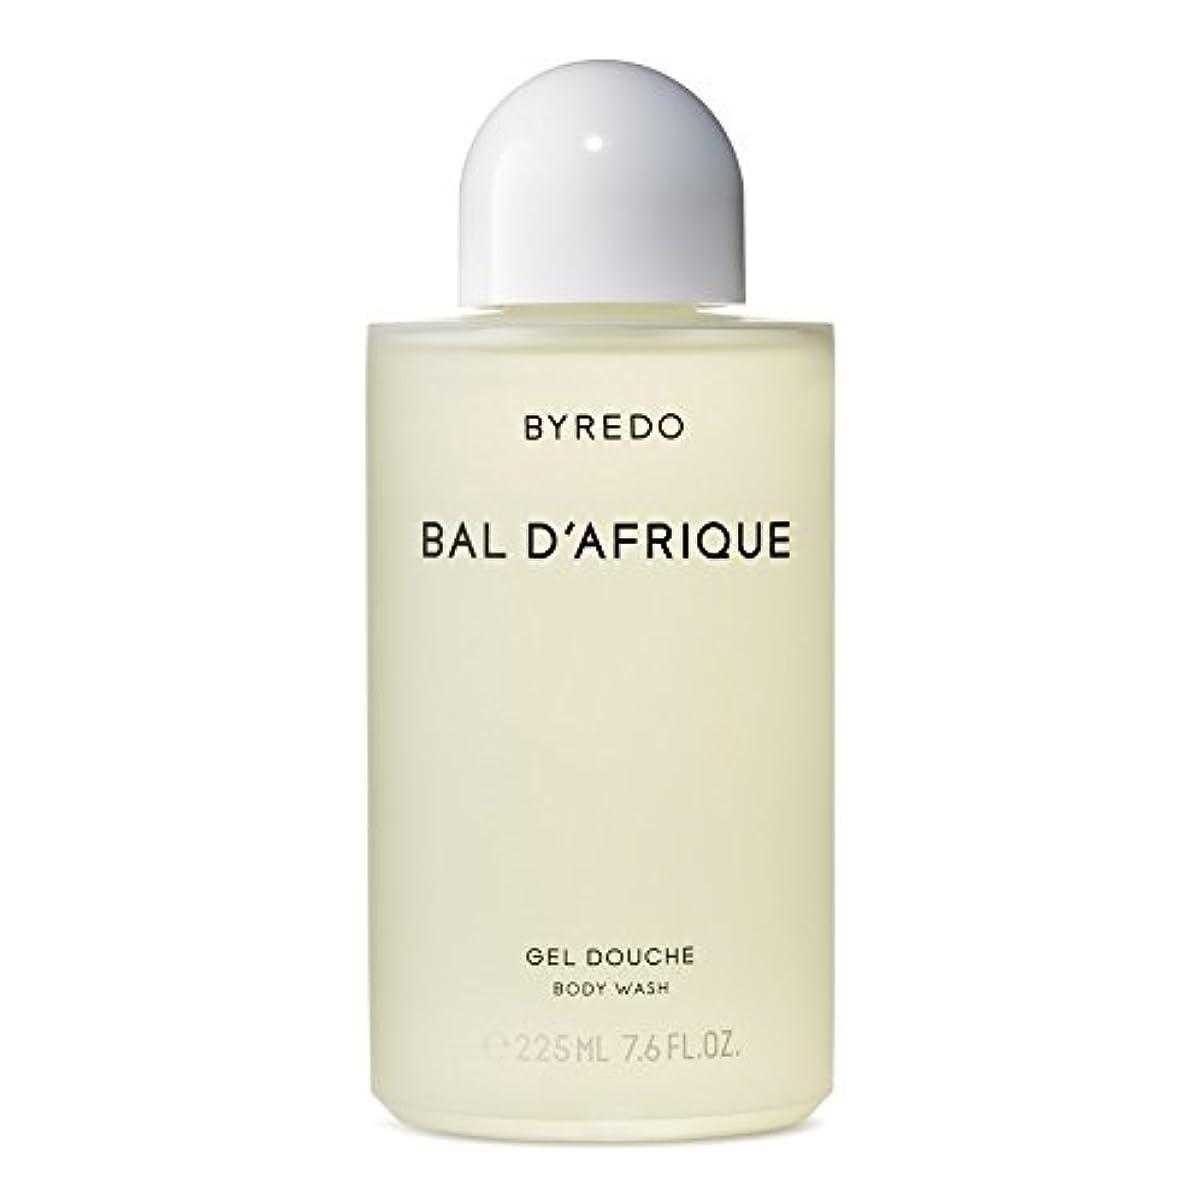 効能あるエンジニアリング上Byredo Bal d'Afrique Body Wash 225ml (Pack of 6) - 'のボディウォッシュ225ミリリットル x6 [並行輸入品]